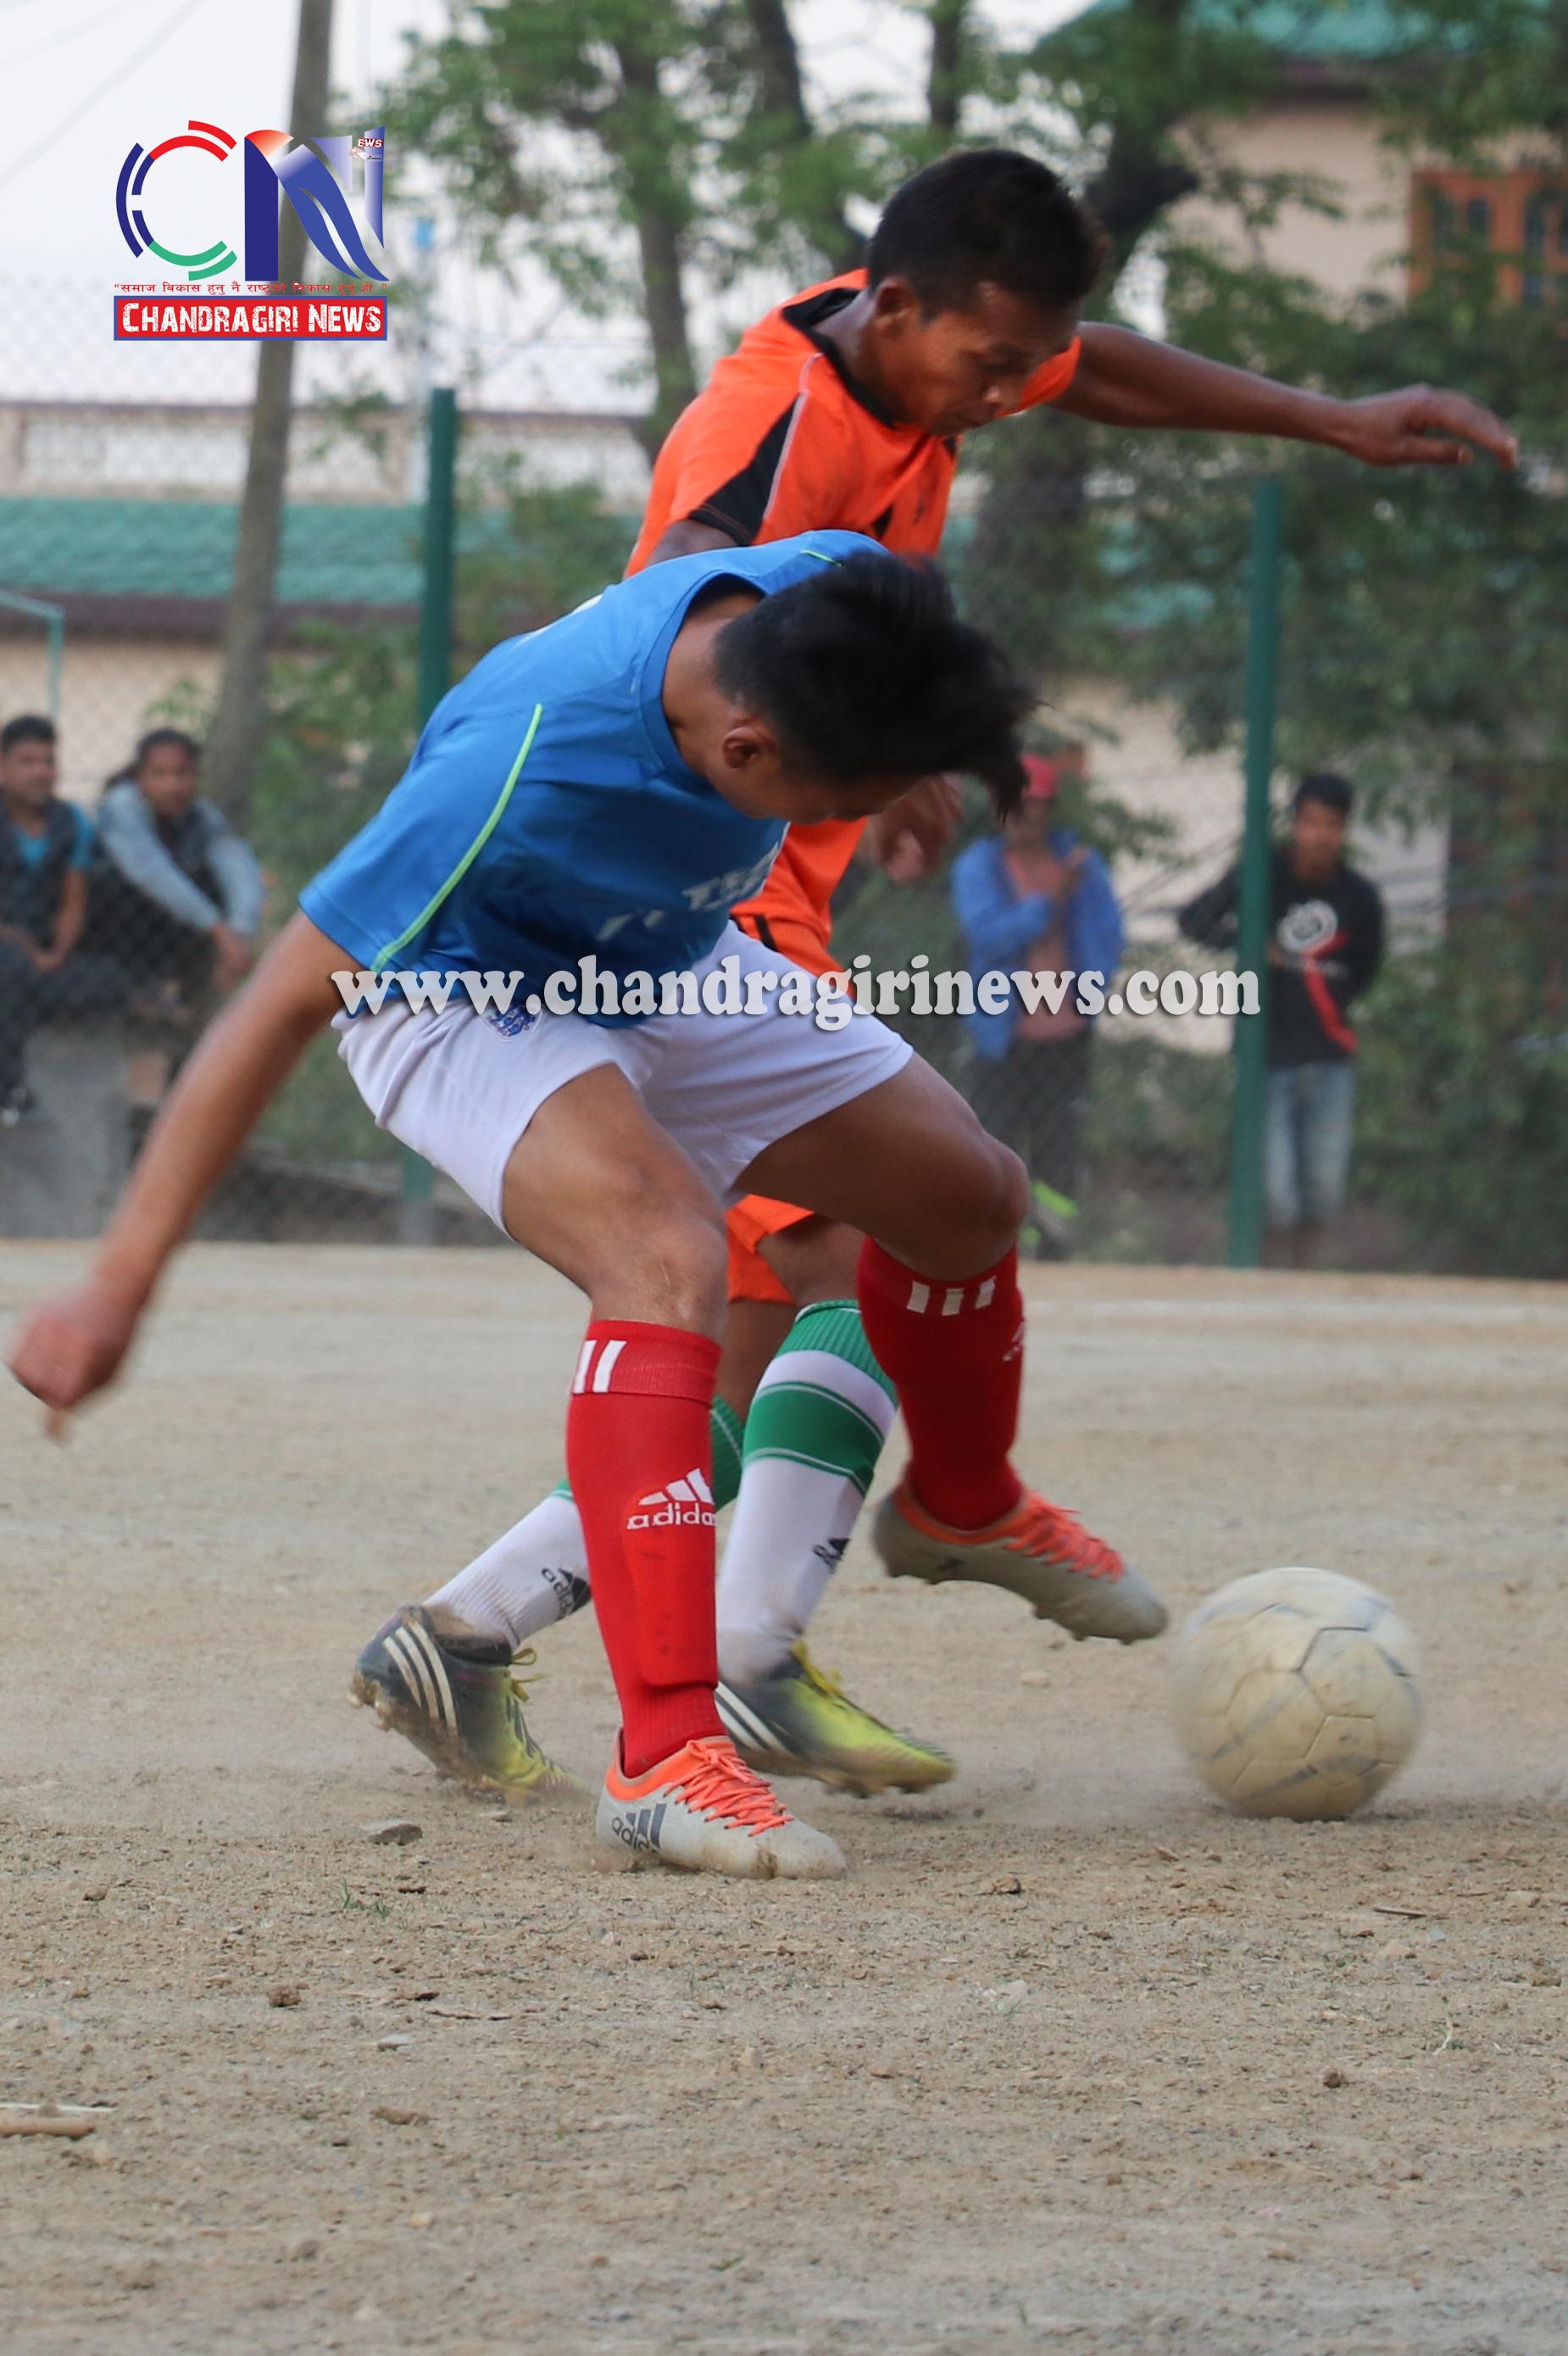 Chandragirinews 2-1 नेपालय वइस्टर्न यूनाइटेड फुटबलको उपाधि टिम स्पिड न्यूरोडलाई खेलकुद ब्रेकिंग न्युज मुख्य    chandragiri